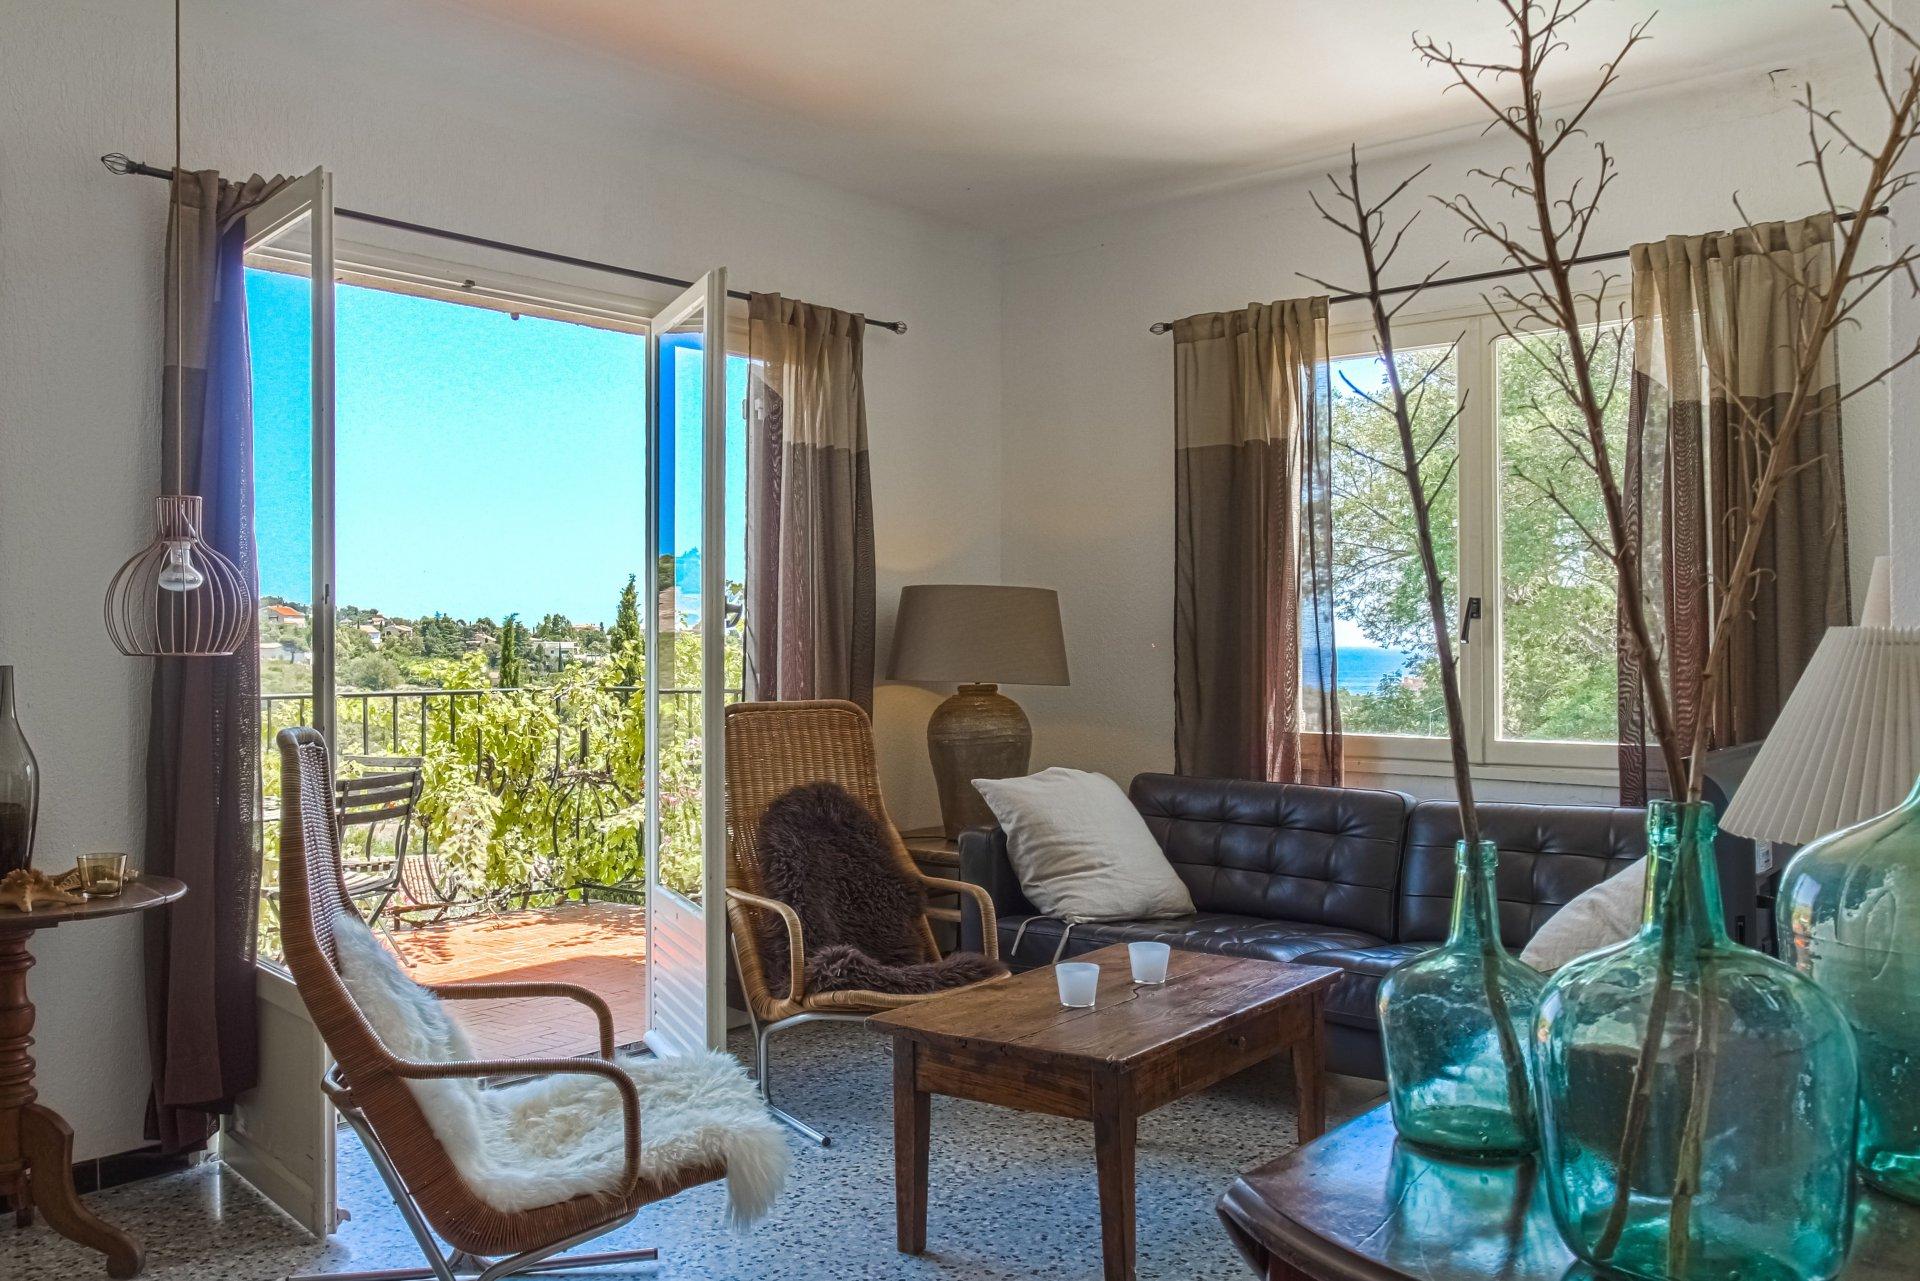 Villa avec 4 chambres, piscine et vue mer aux Issambres